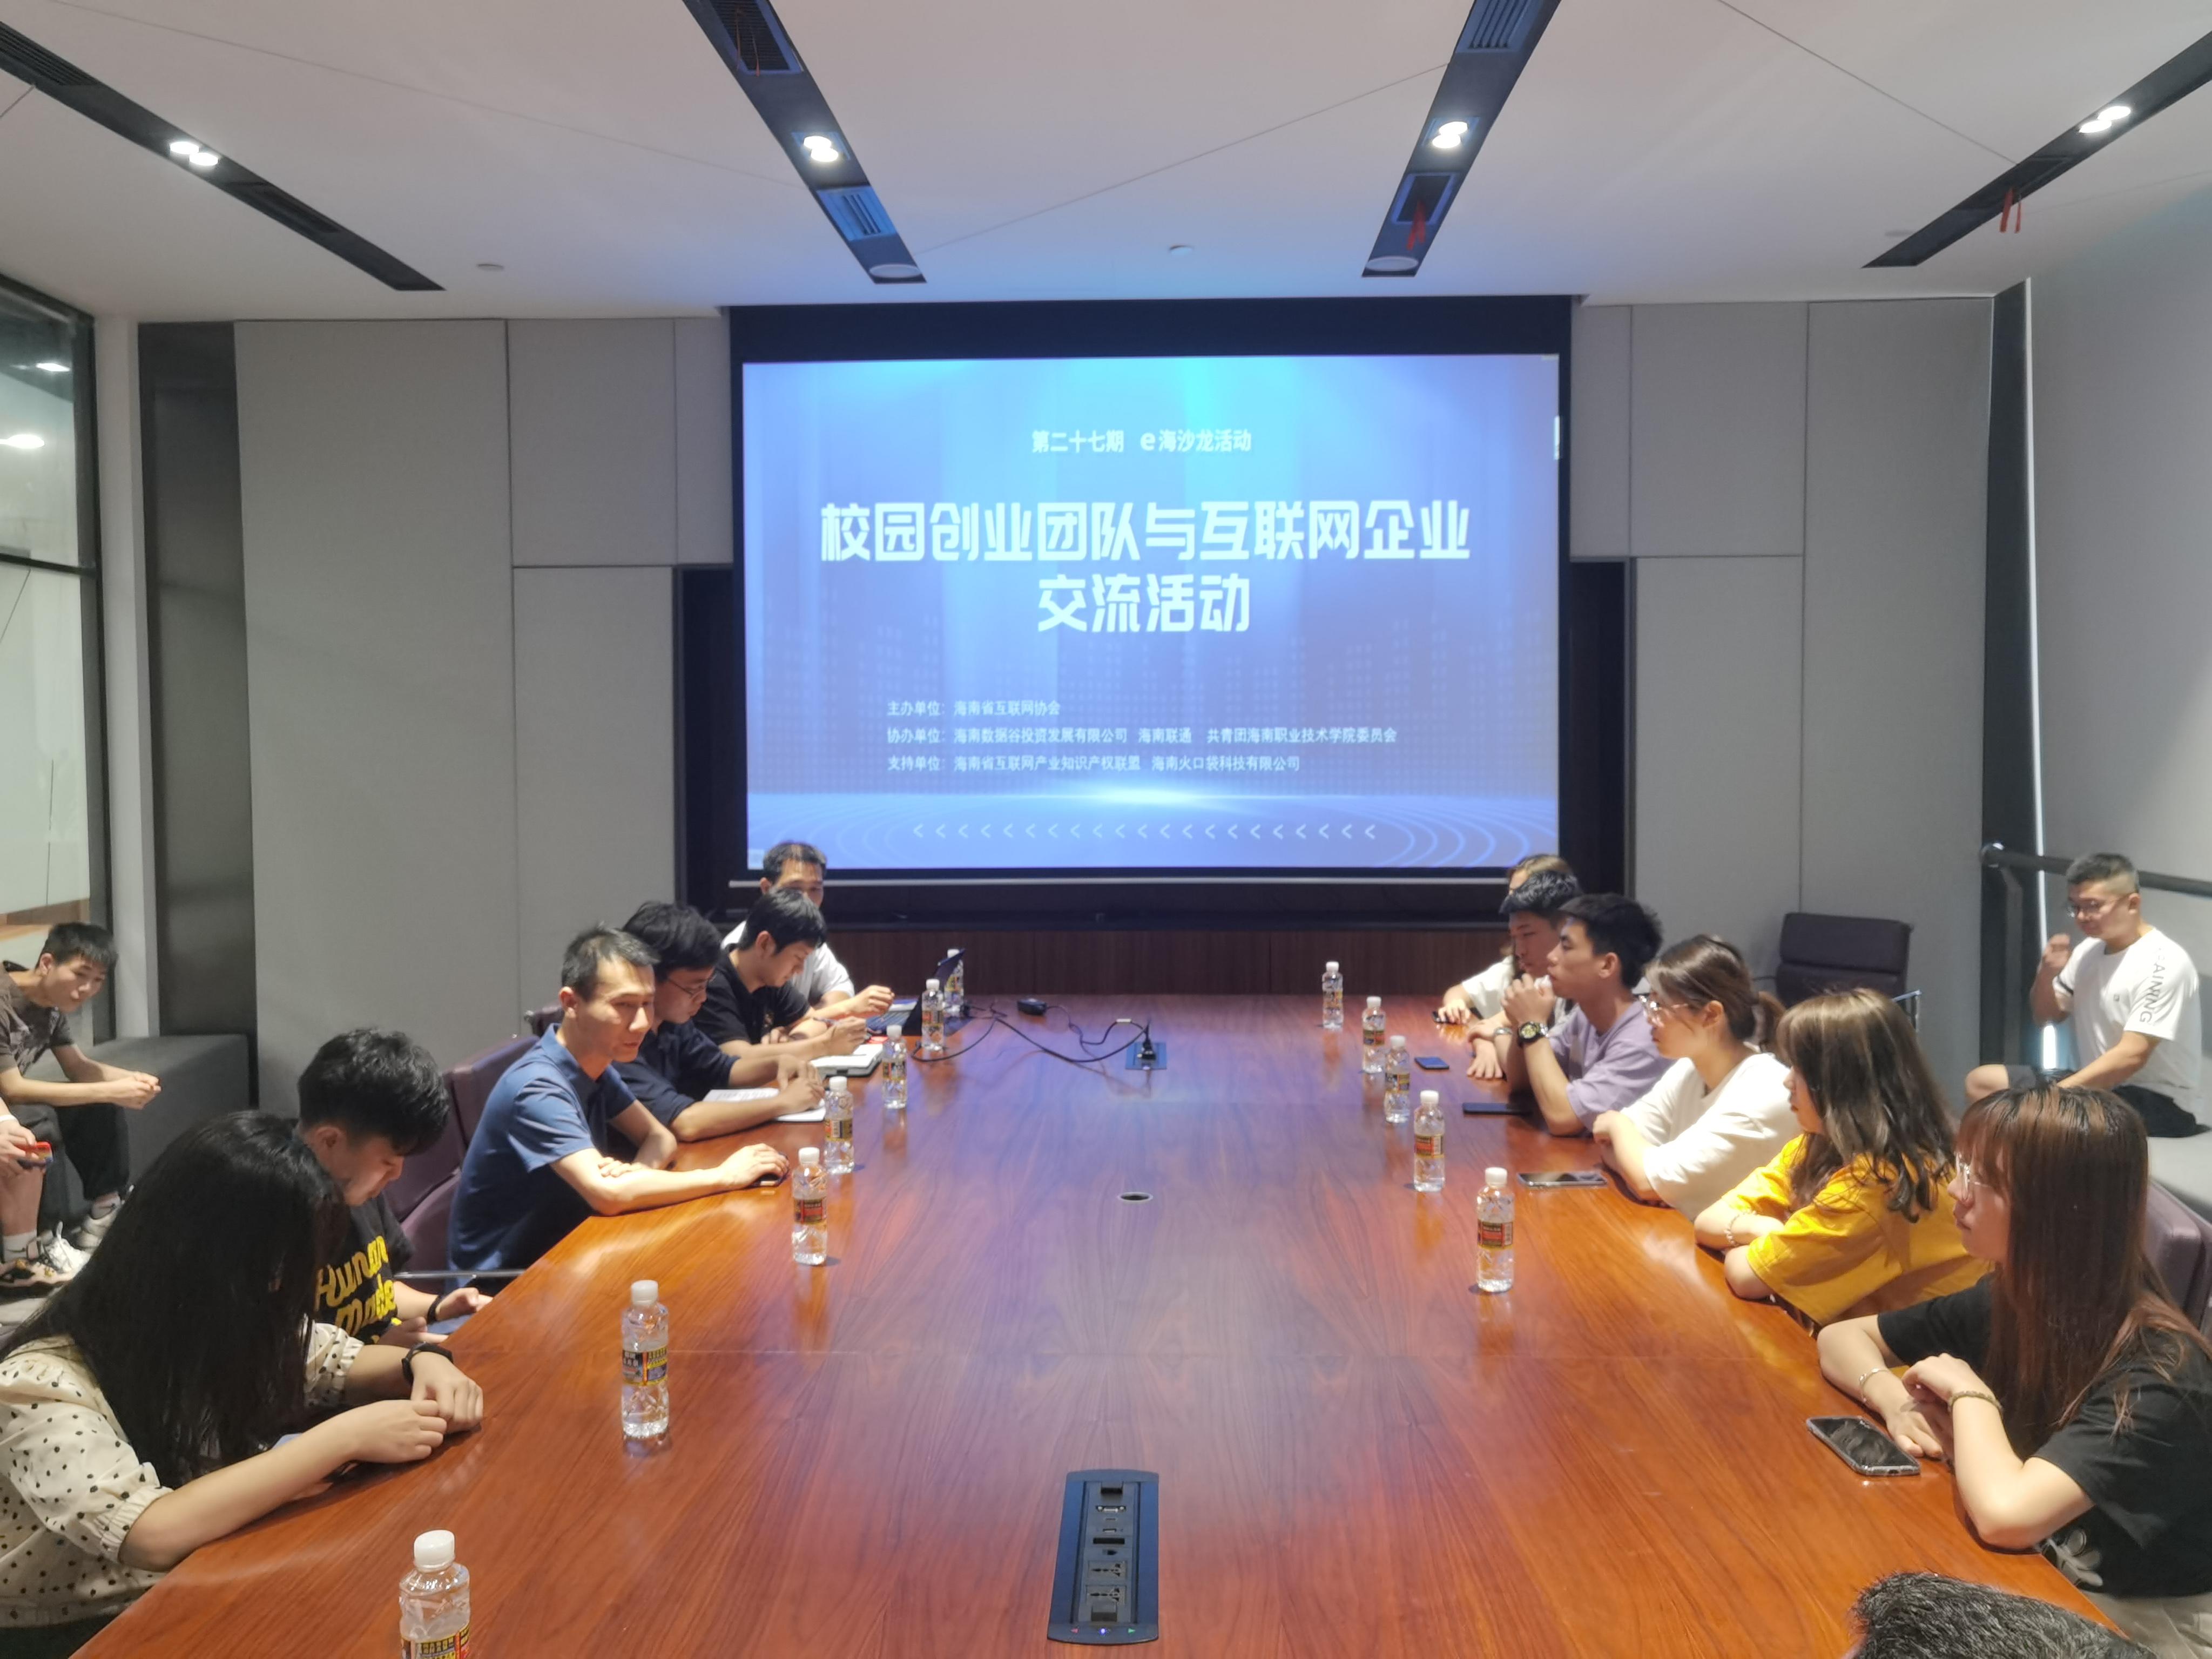 海南省互联网协会举办第二十七期e海沙龙活动